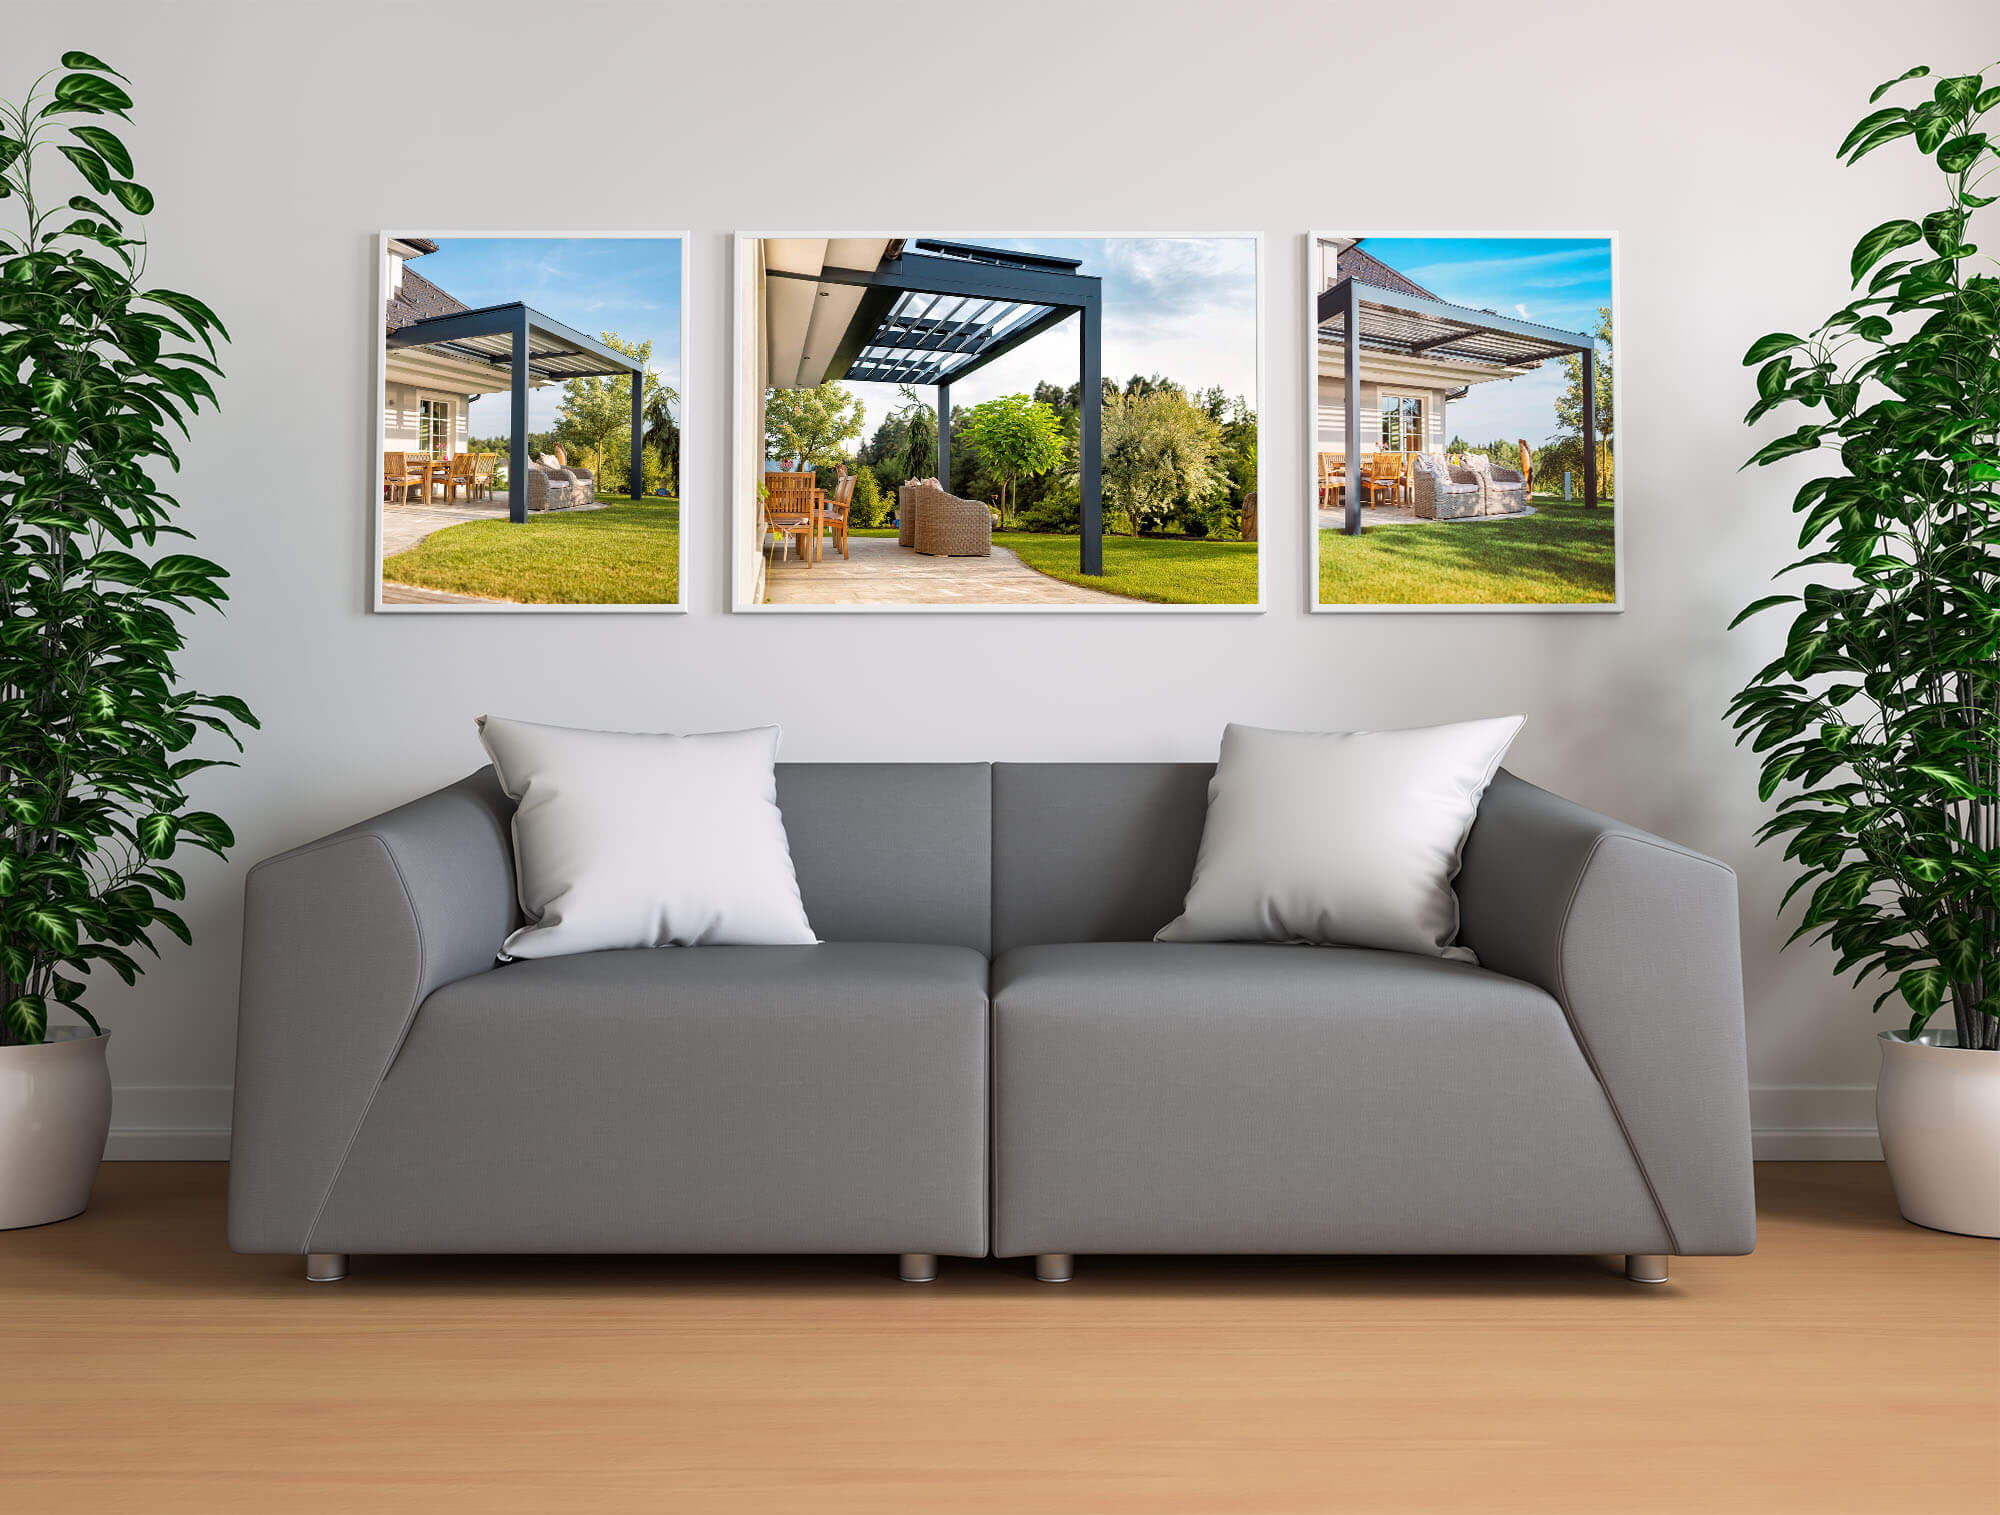 Relaxdach Büro Innenansicht mit Terrassenüberdachung-Bildern, die über uns erzählen